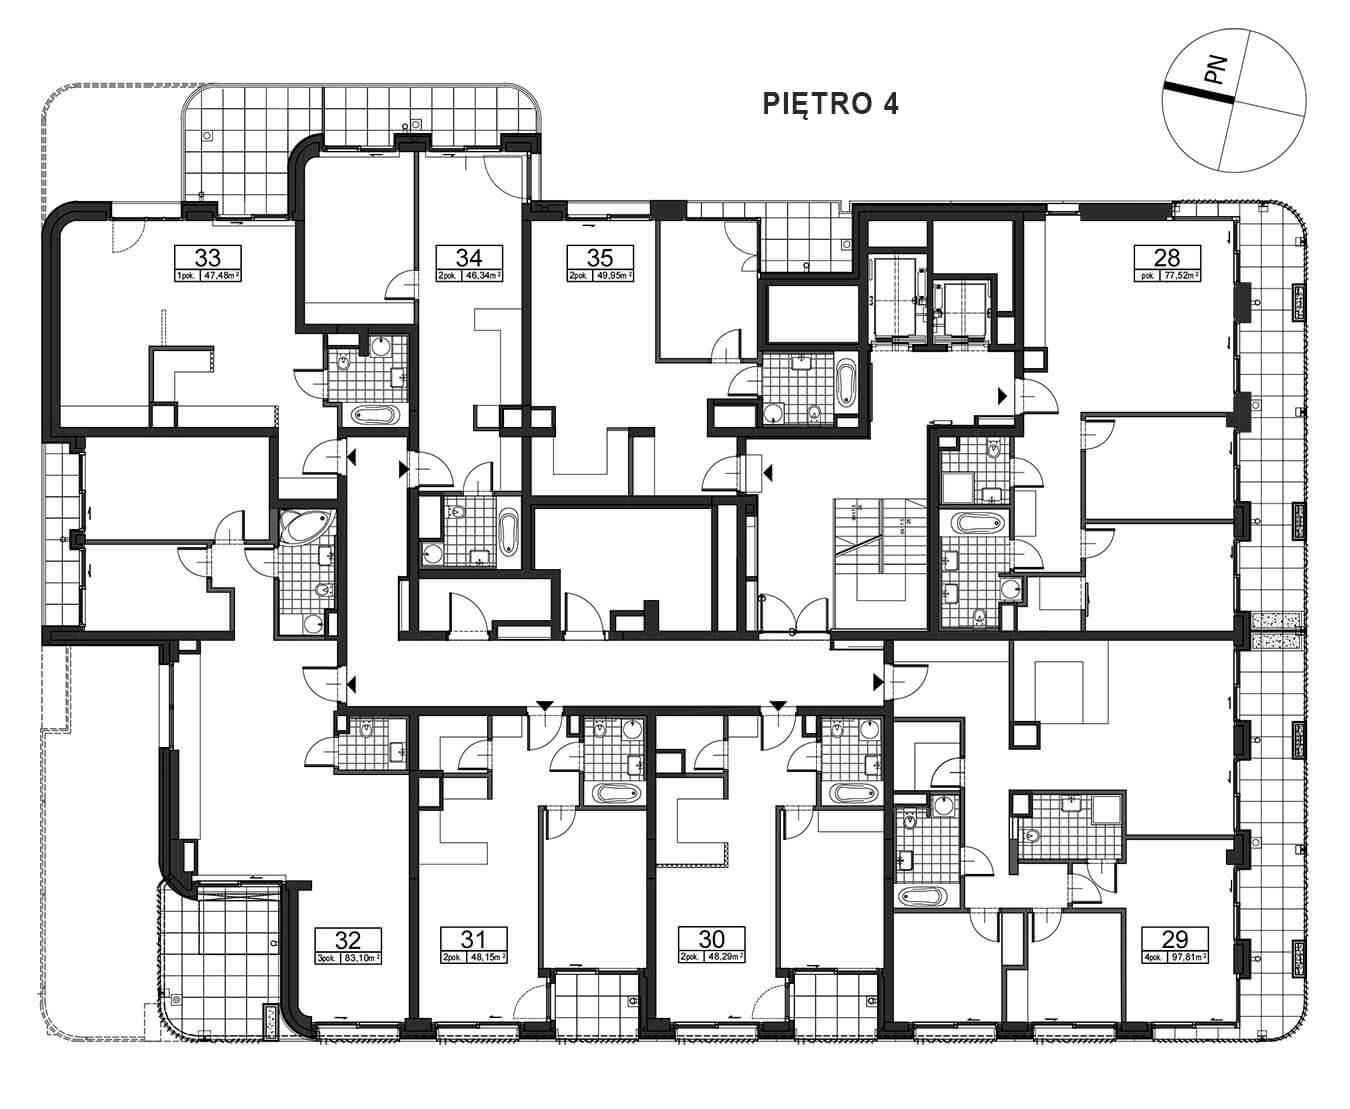 Górnośląska 6 - Piętro 4